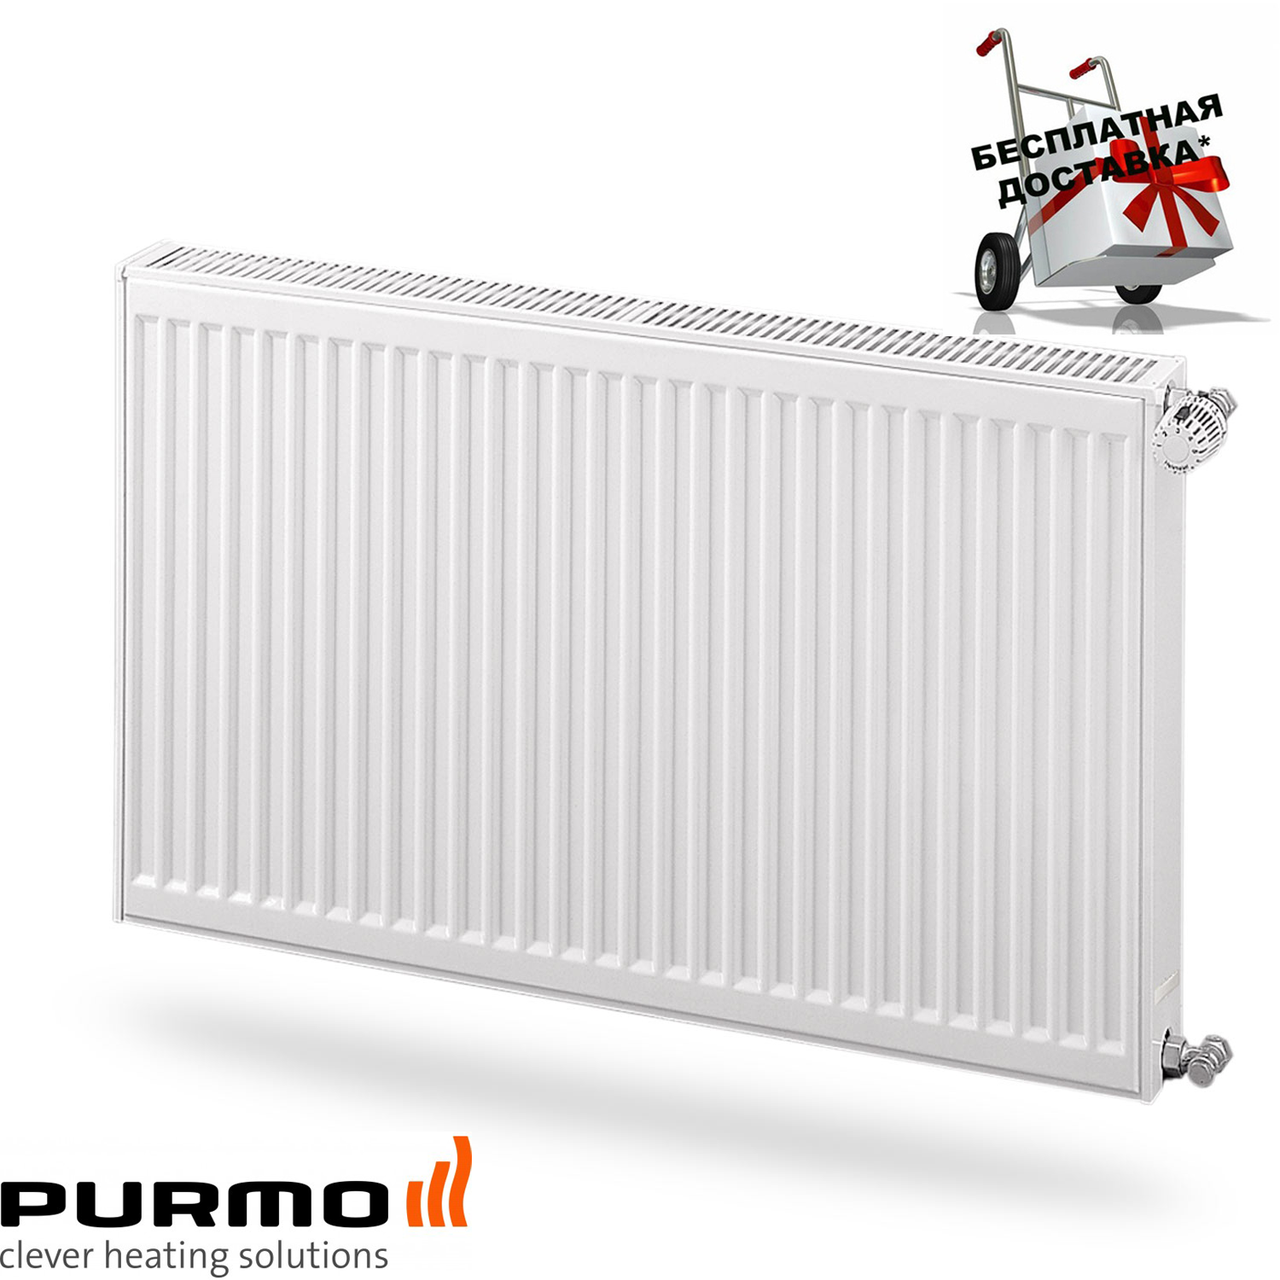 Стальной (панельный) радиатор PURMO Compact т22 600x1000 боковое подключение